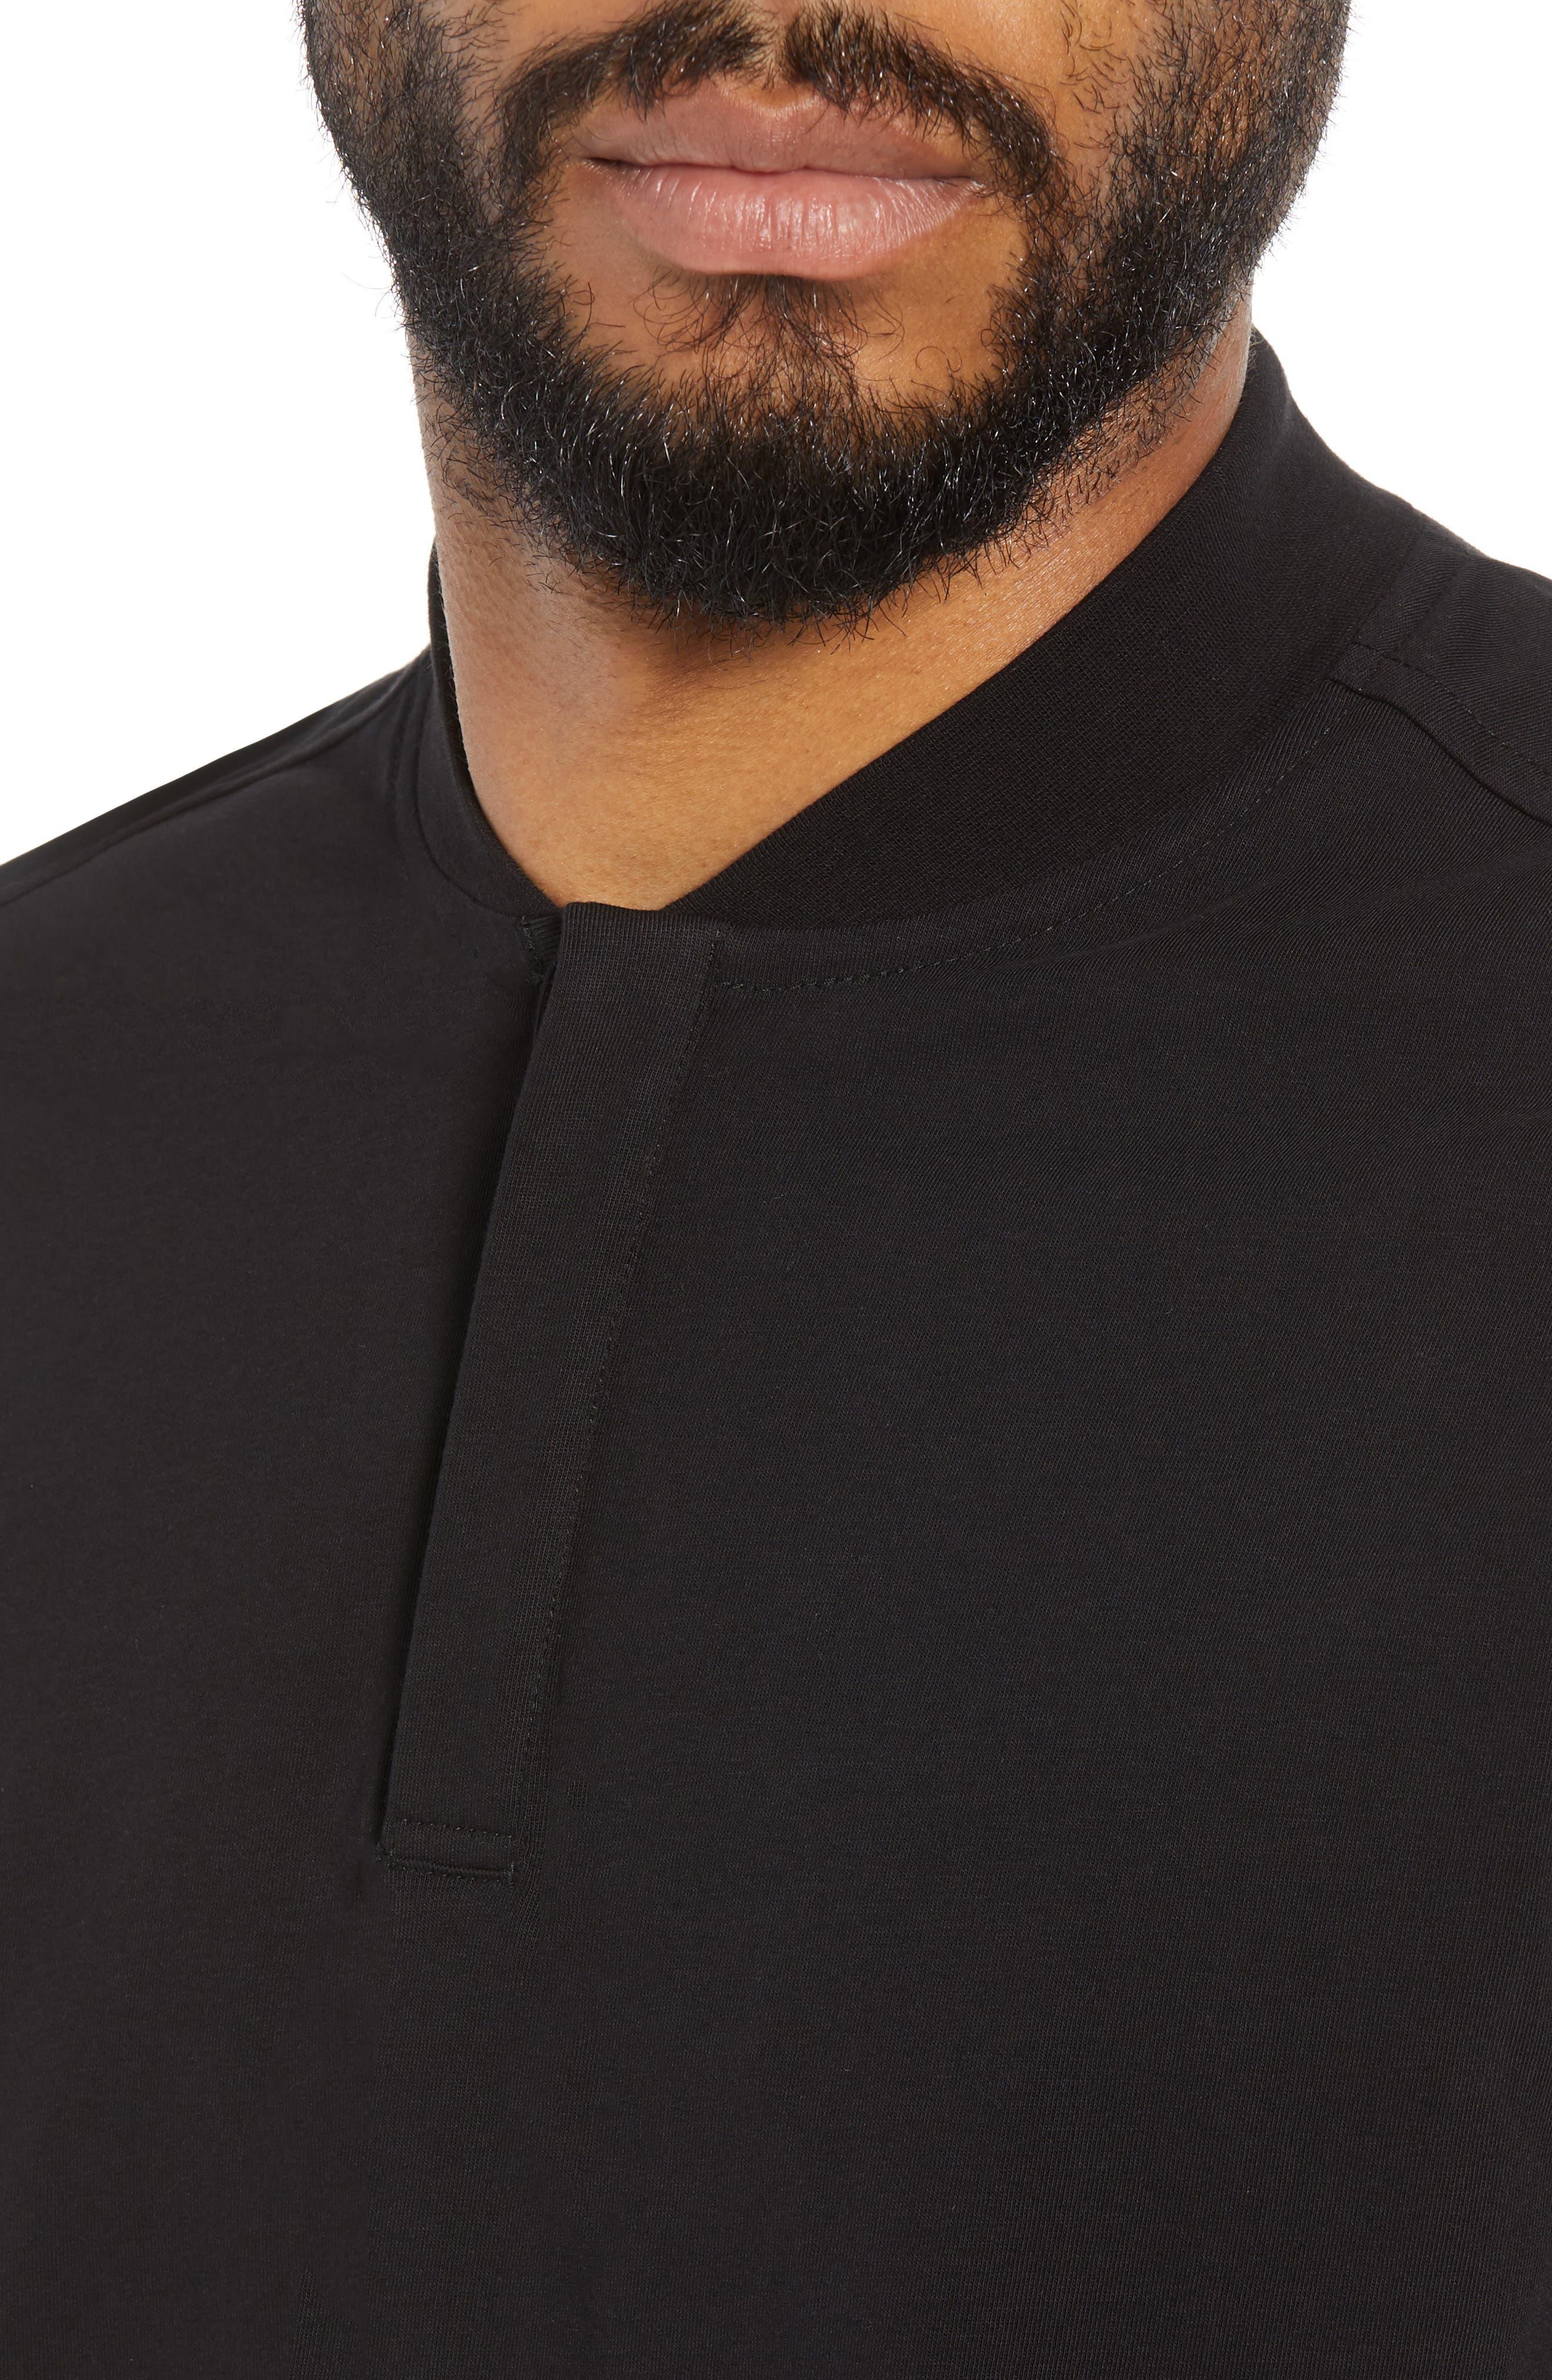 Trim Fit Henley T-Shirt,                             Alternate thumbnail 4, color,                             001